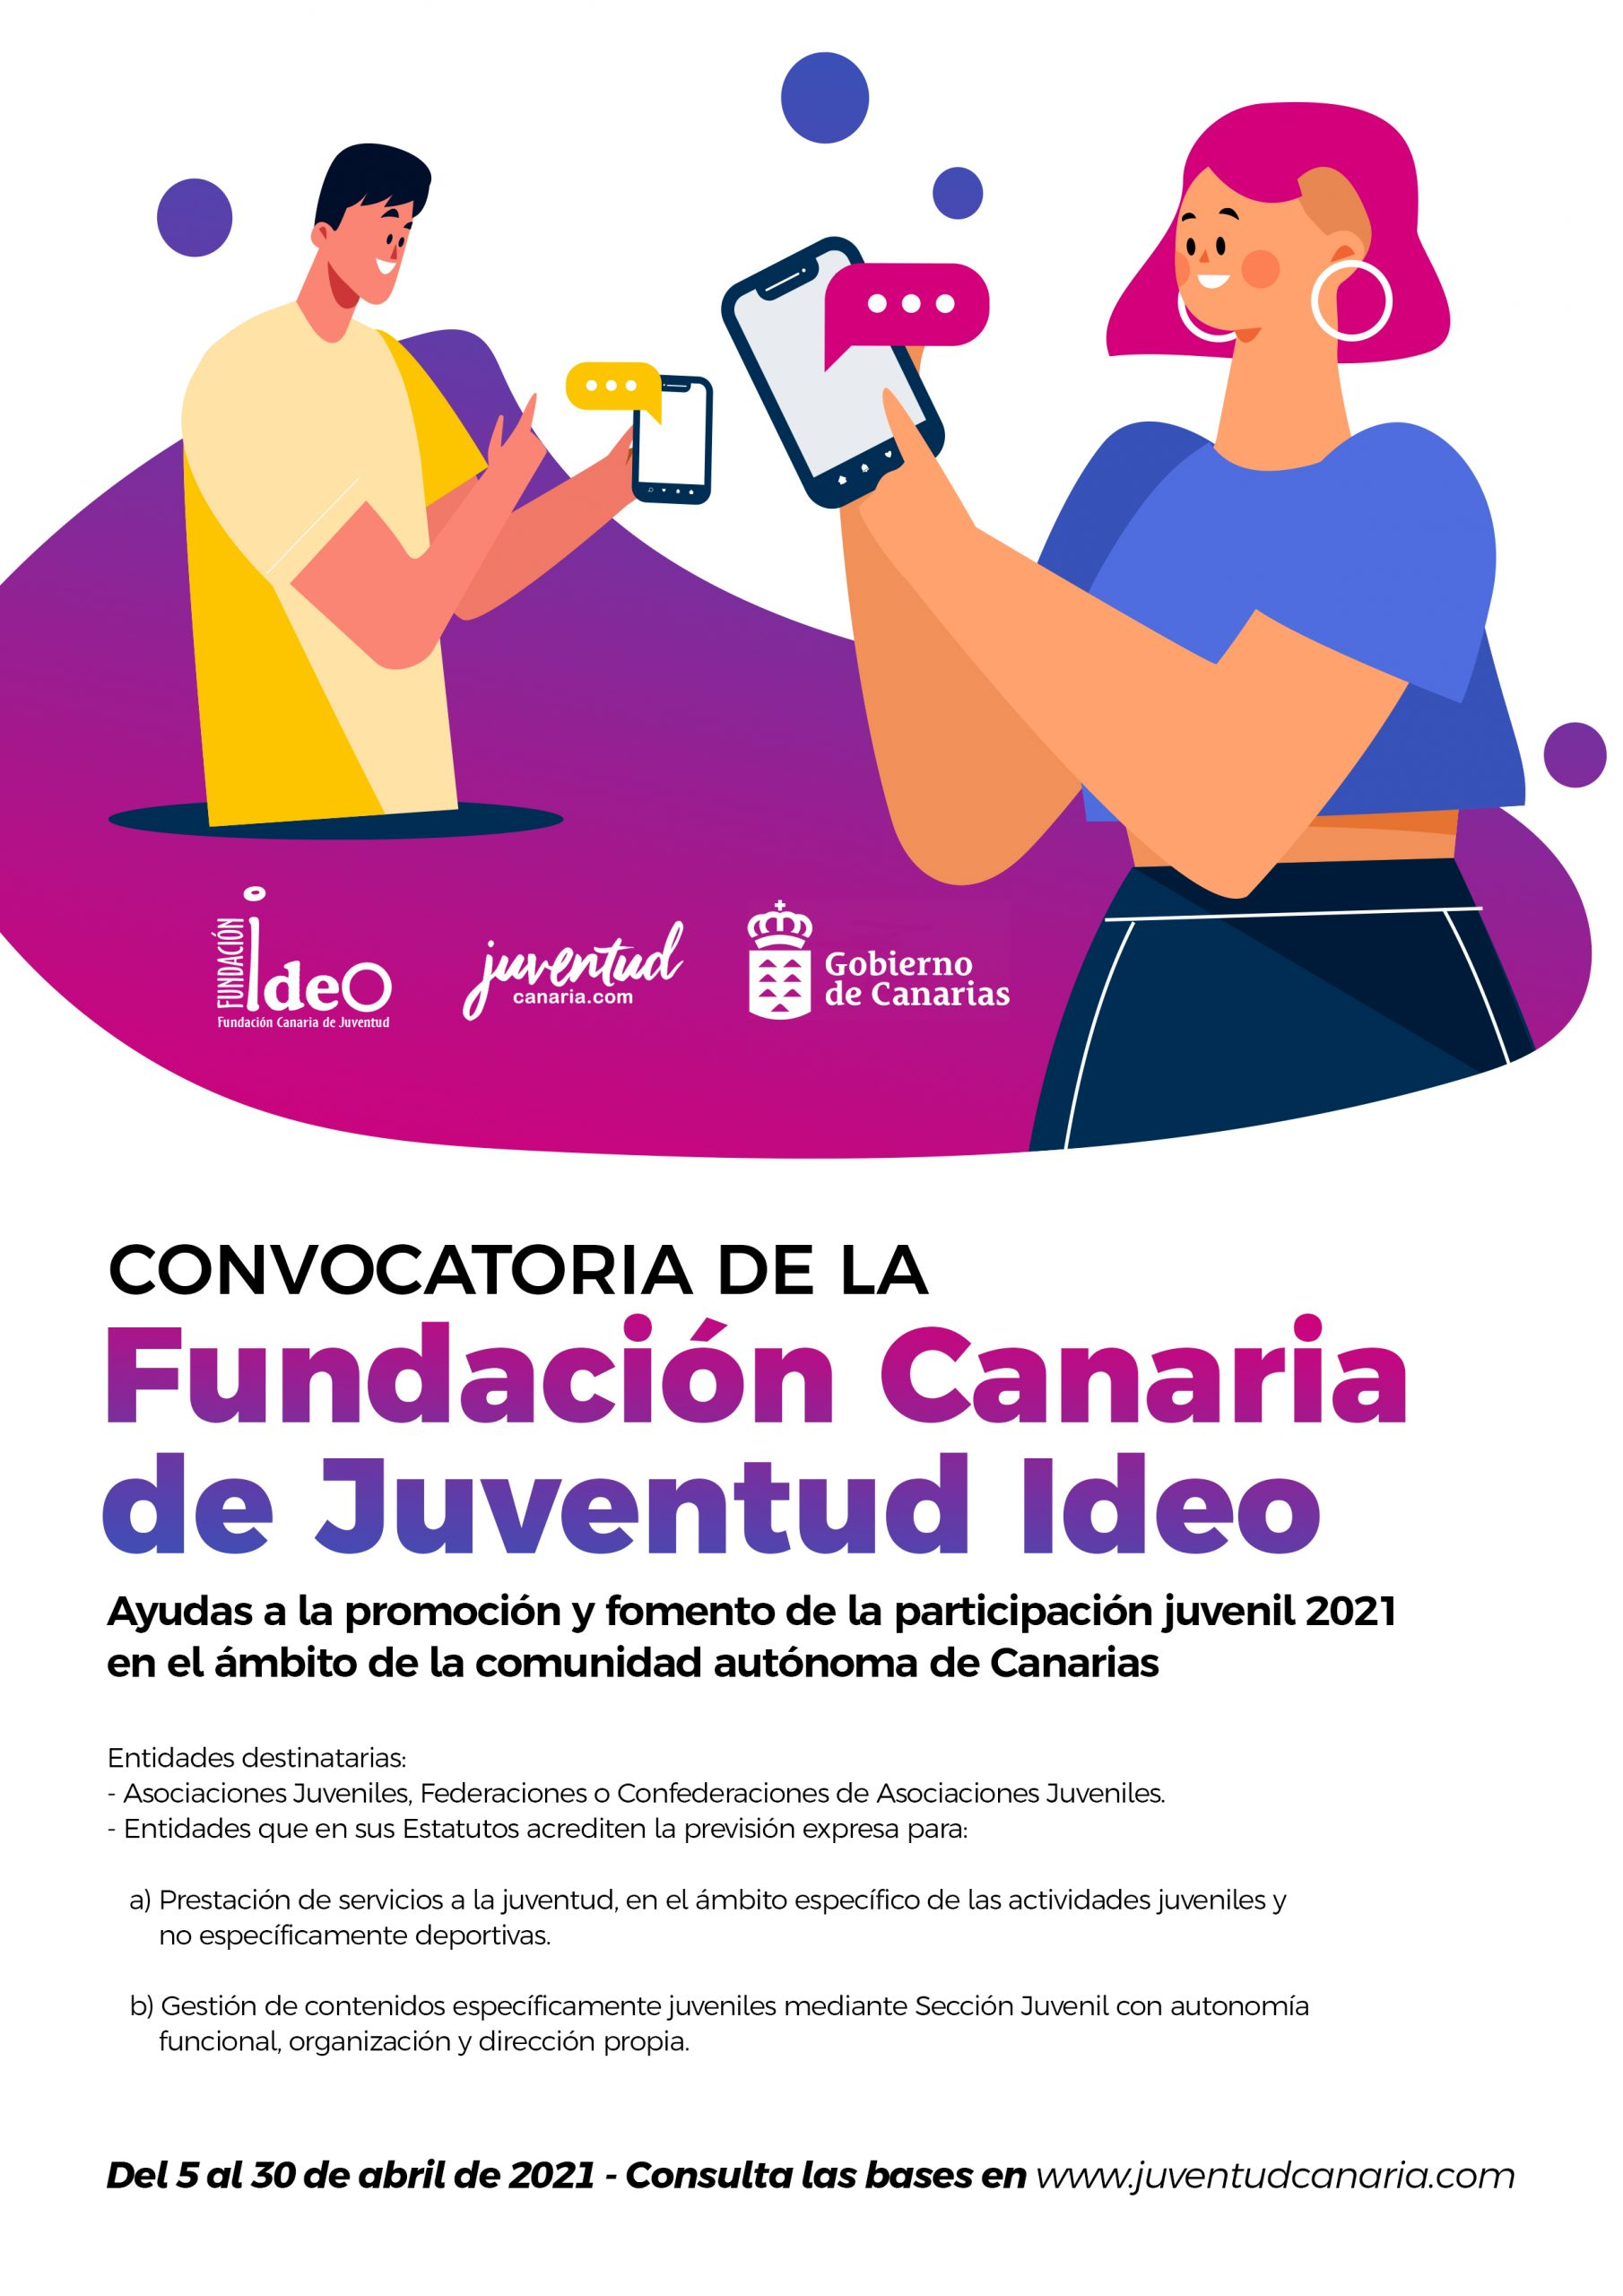 Juventud concederá hasta 2.000 euros a proyectos de entidades que fomenten la participación juvenil